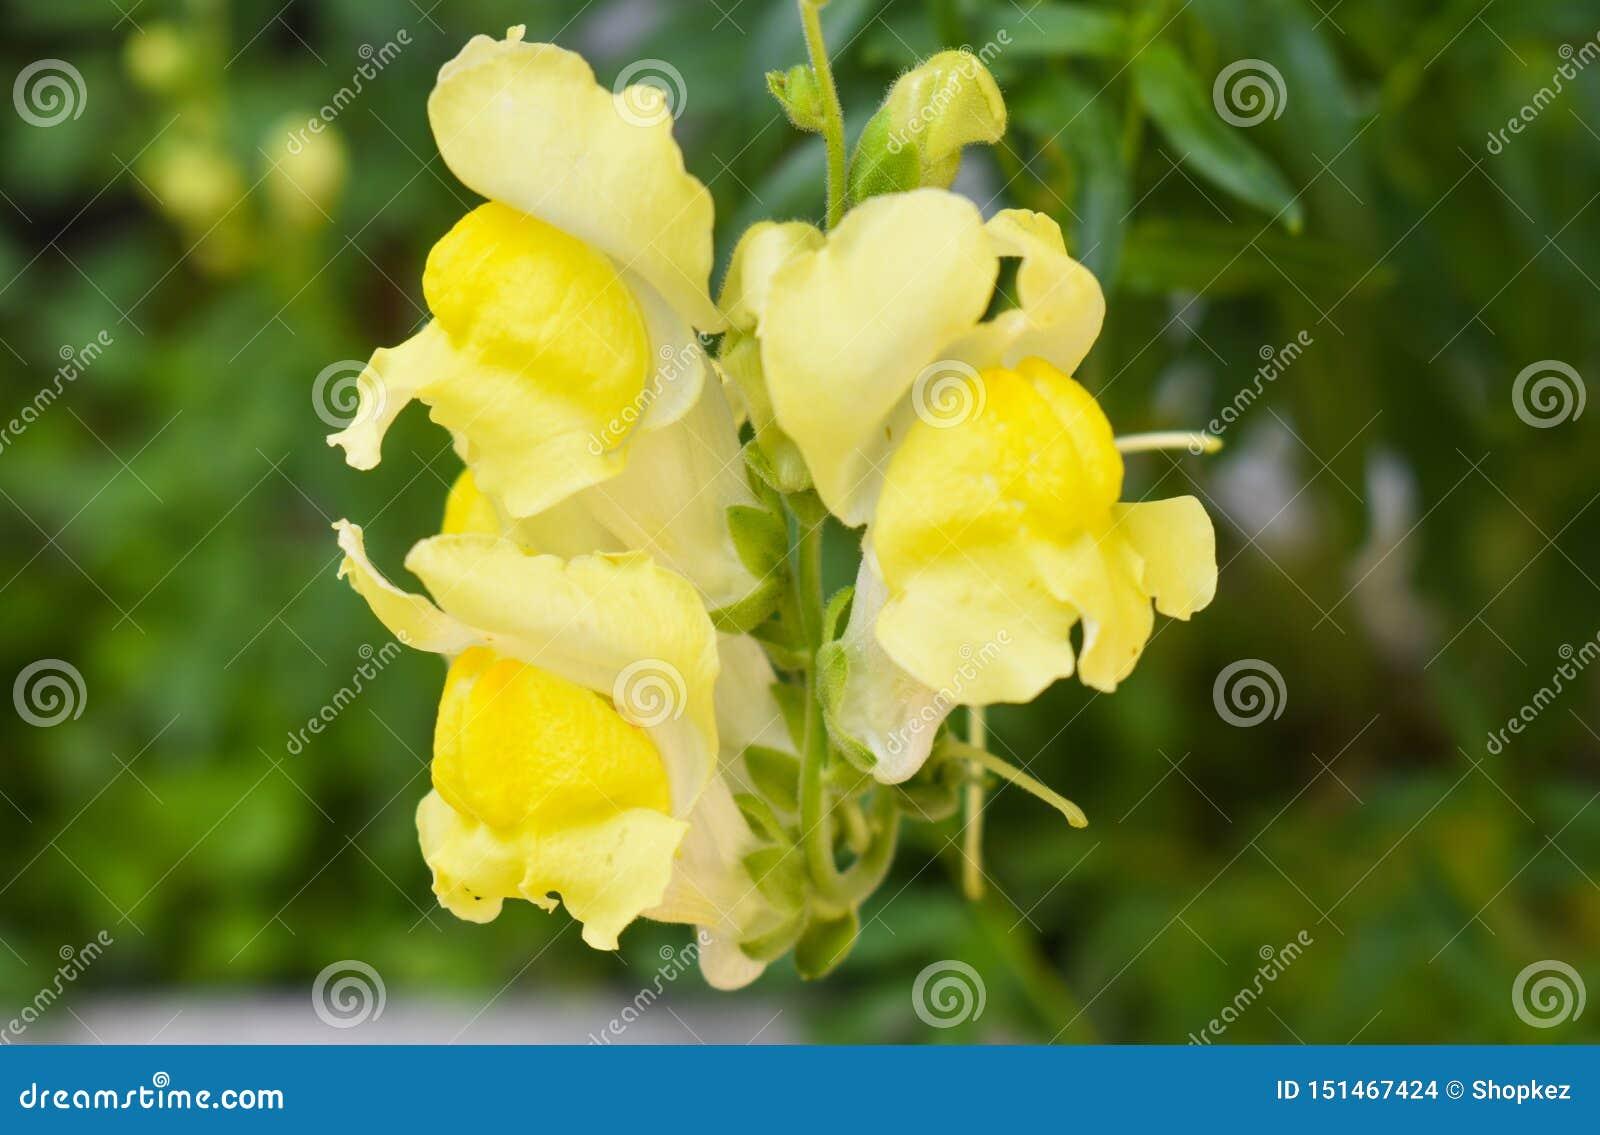 金鱼草属是一般叫作龙花或snapdragons的植物类由于花的想象的相似